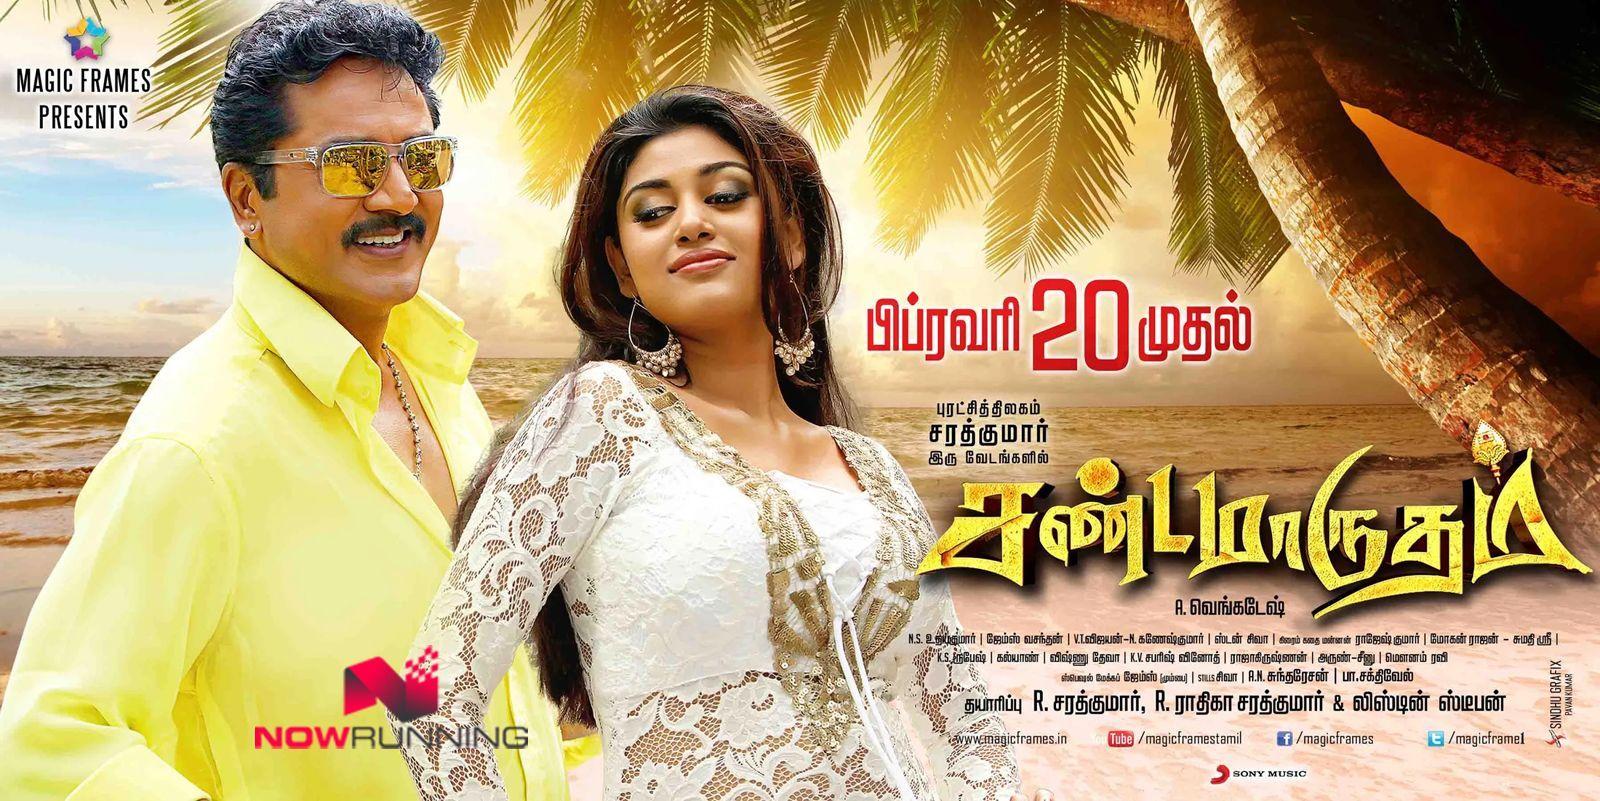 Simple Wallpaper Movie Tamil - 5c2b662d84b541c38d52ca55f64d4f3c  2018_487084.jpg